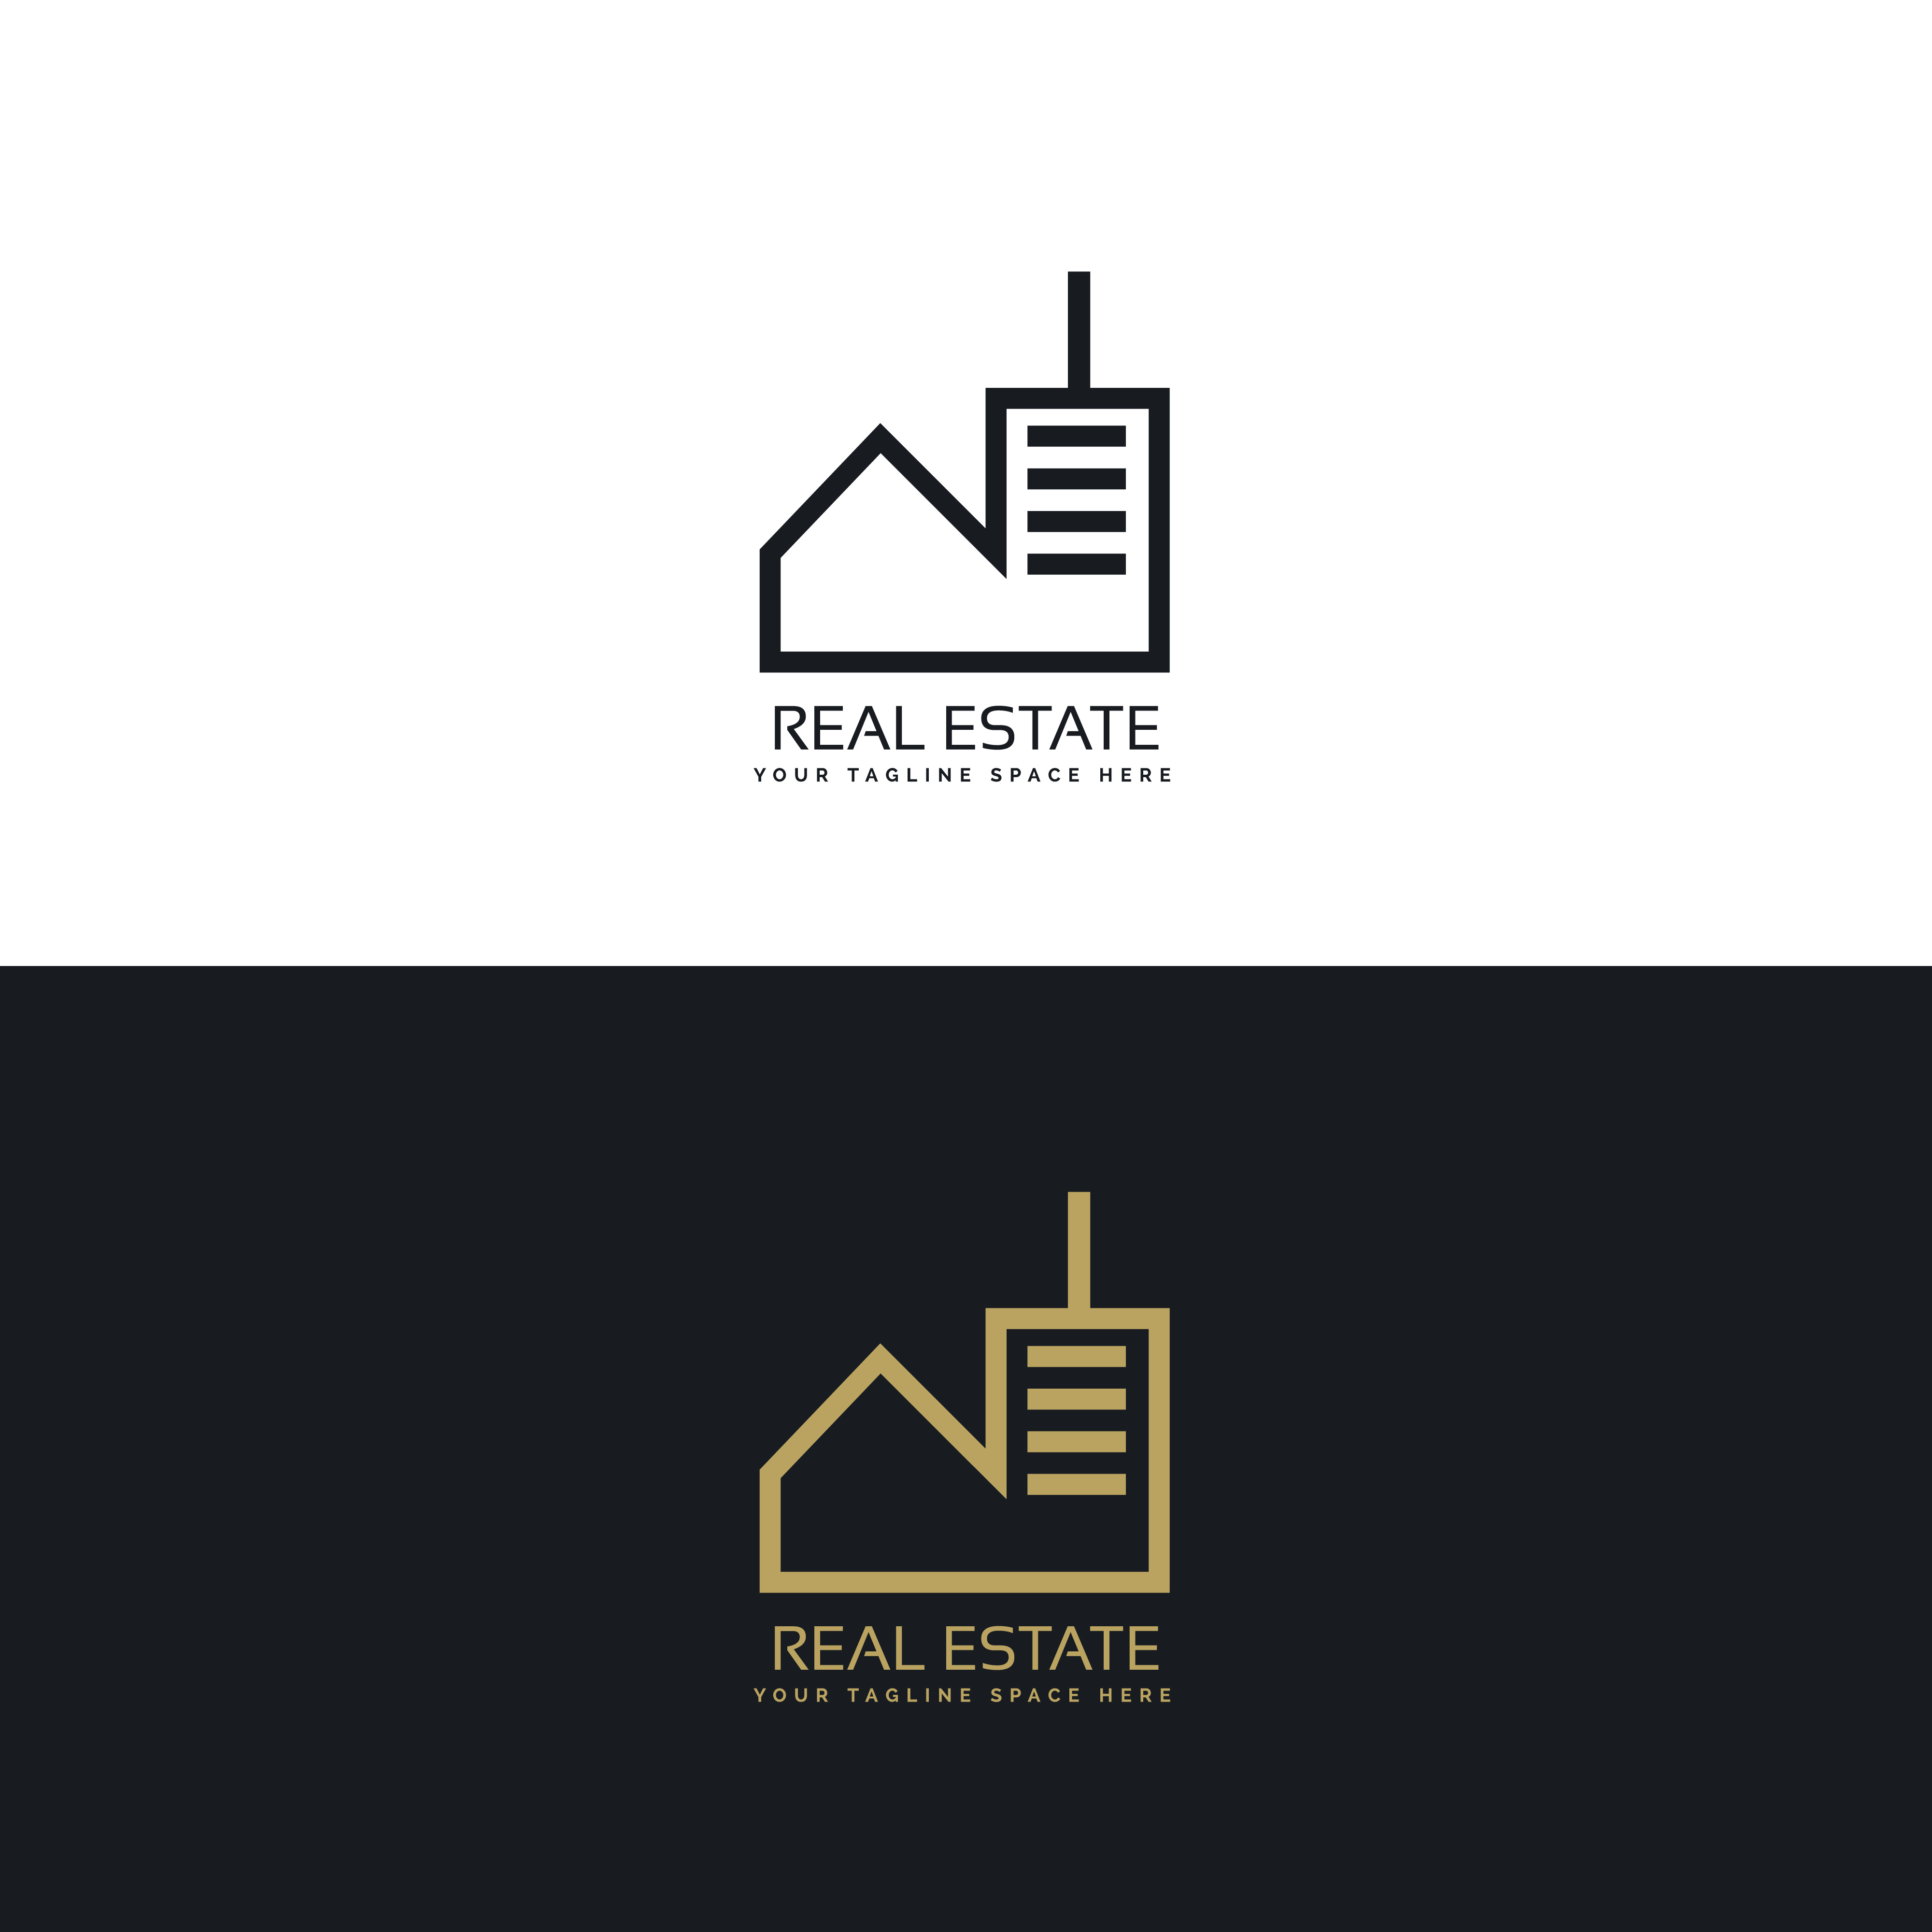 vector-modern-real-estate-logo-design-concept.jpg